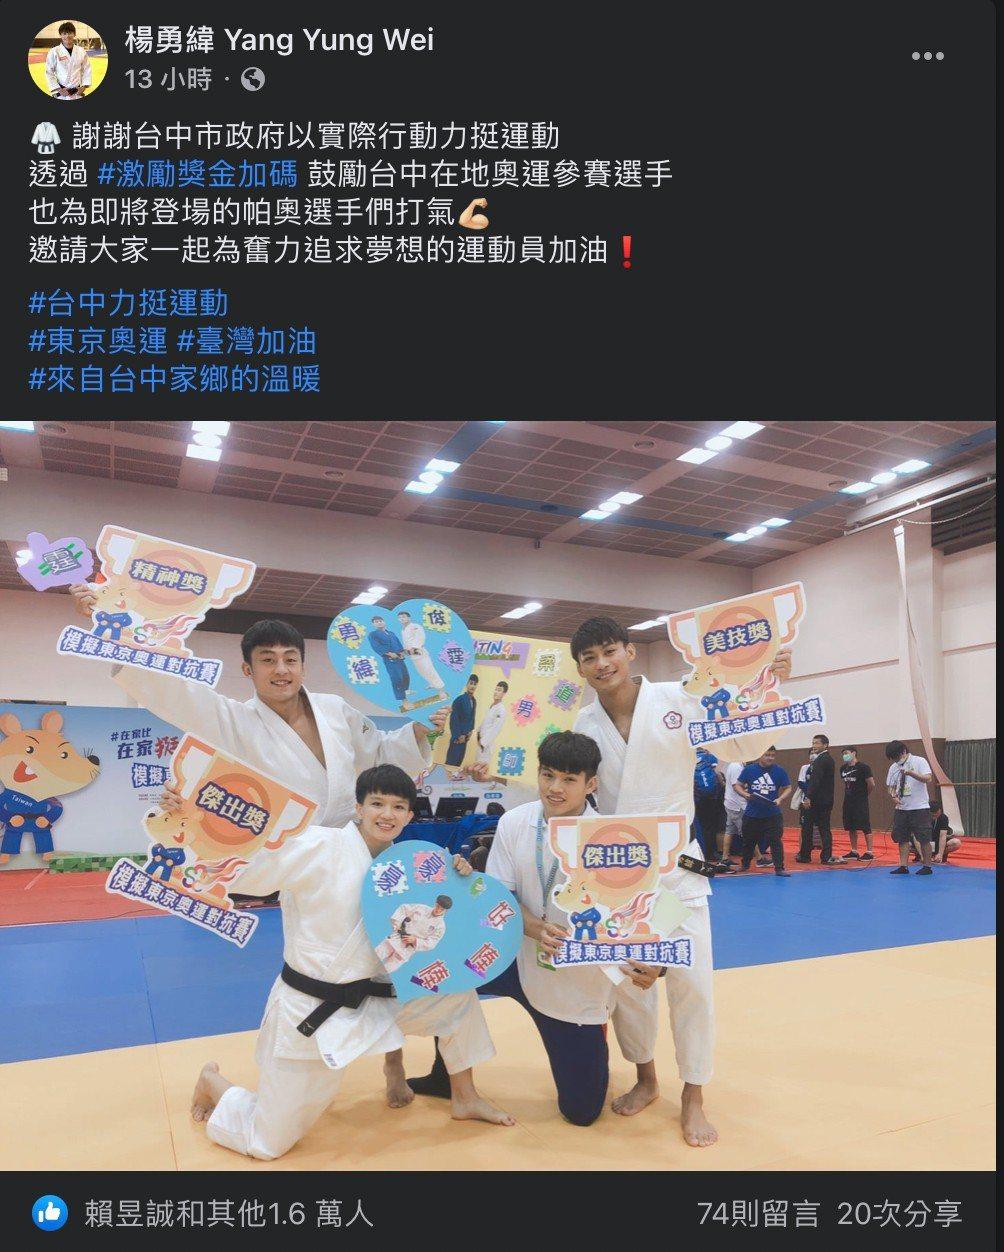 楊勇緯在臉書粉團感謝台中市政府提高運動激勵金。圖/取自臉書